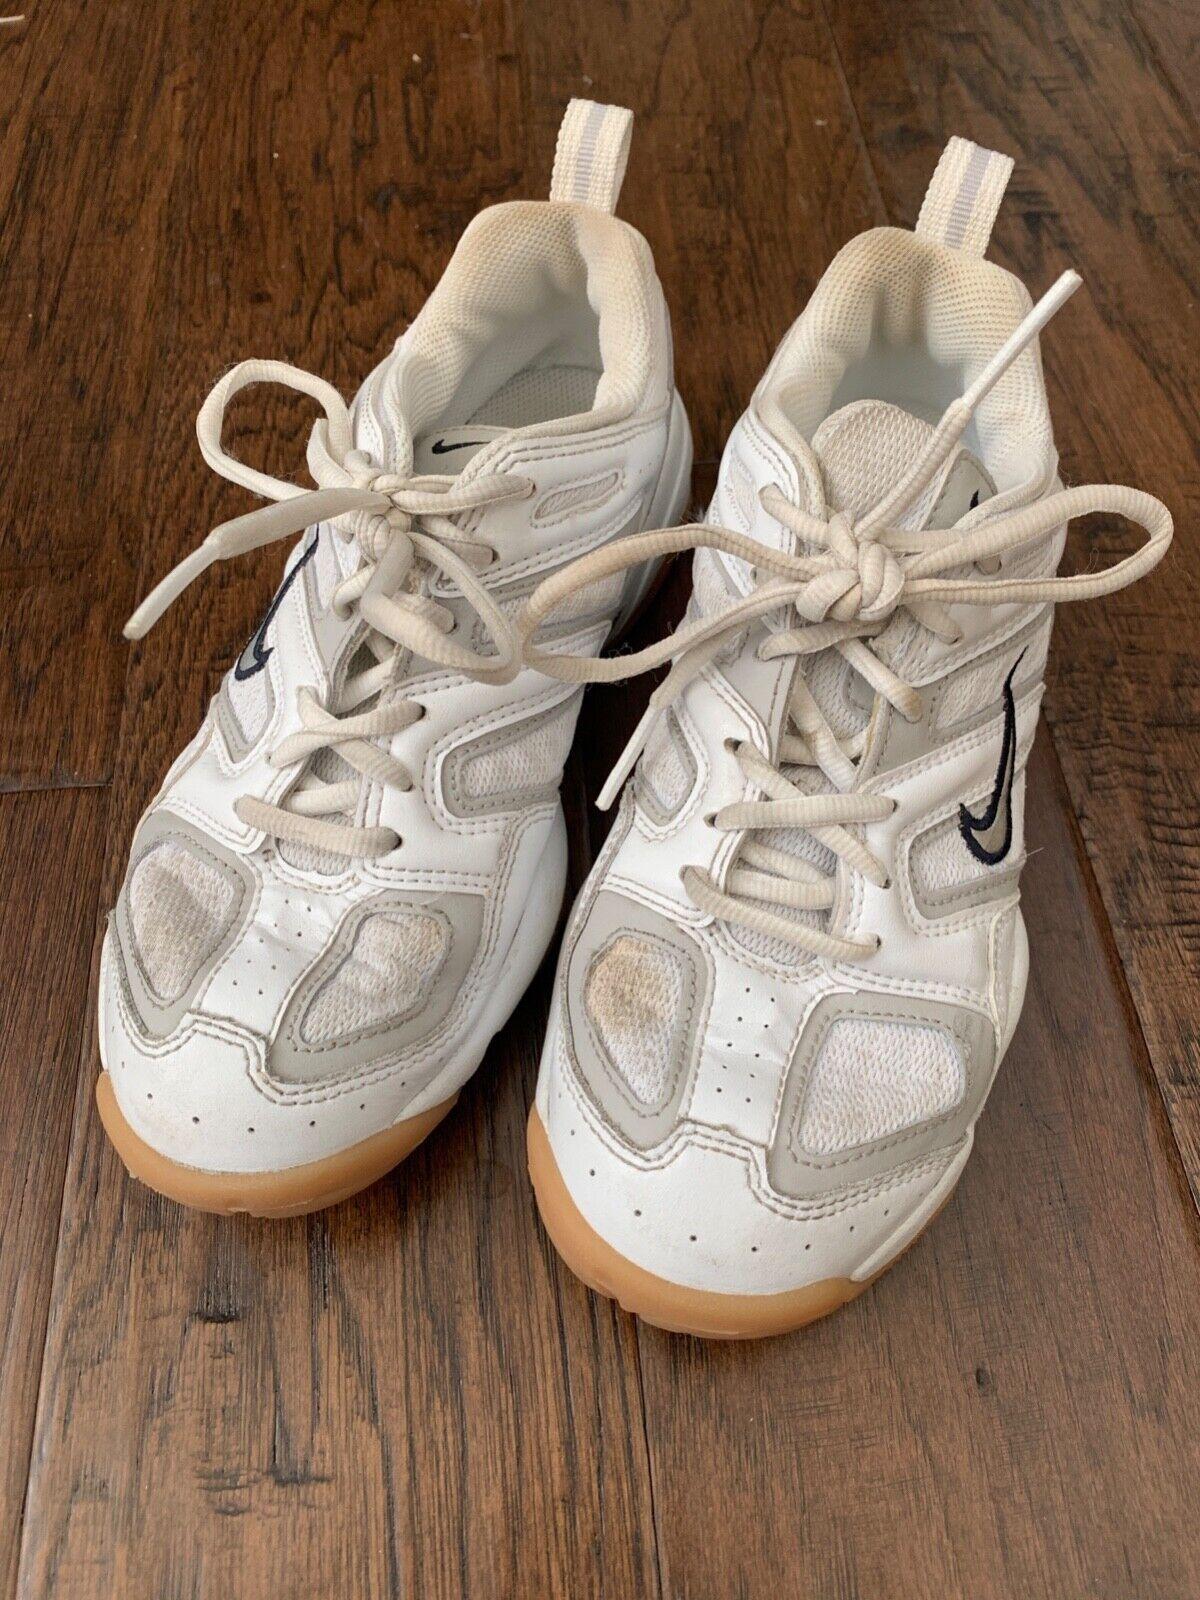 bianca nike nike nike scarpe da pallavolo, misura 6,5 | Qualità Superiore  | Uomo/Donne Scarpa  2723a1